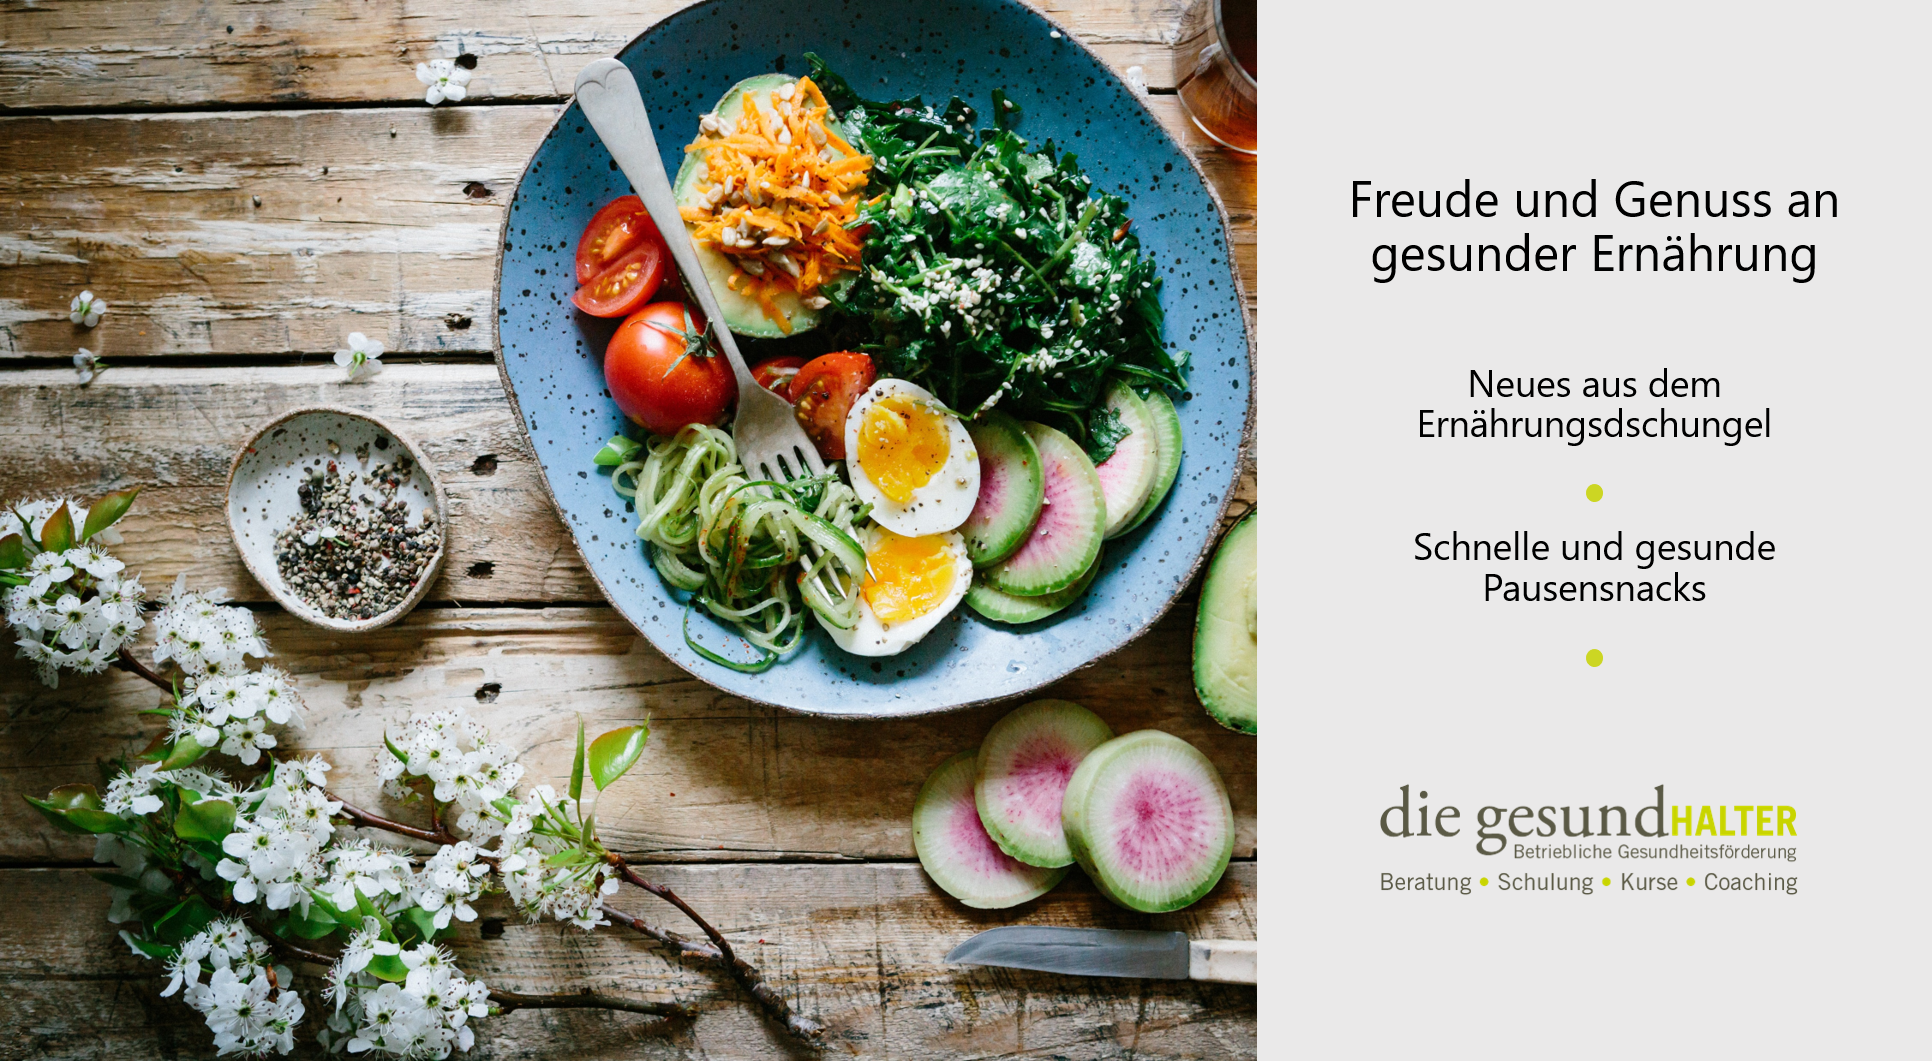 Freude und Genuss an gesunder Ernährung 2